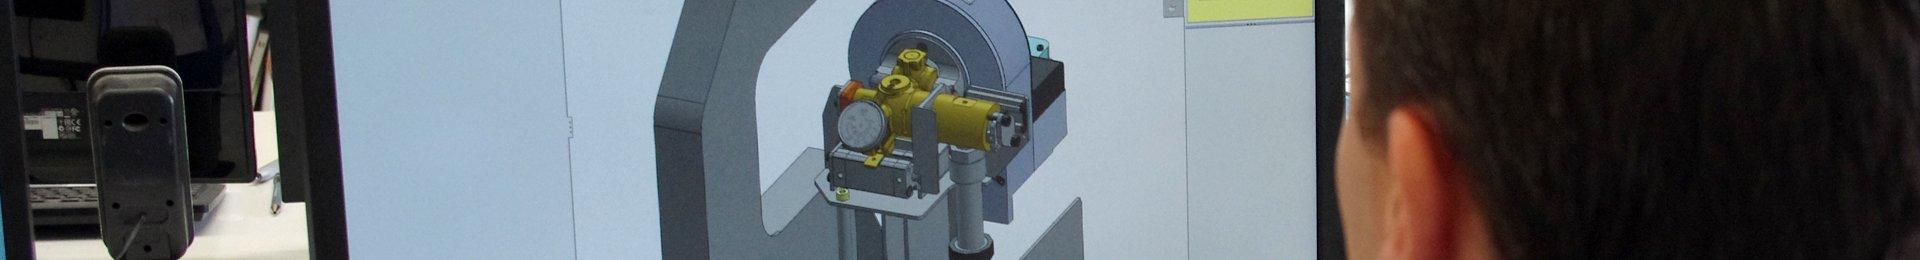 Projektierung Entwicklung CAD Solidworks